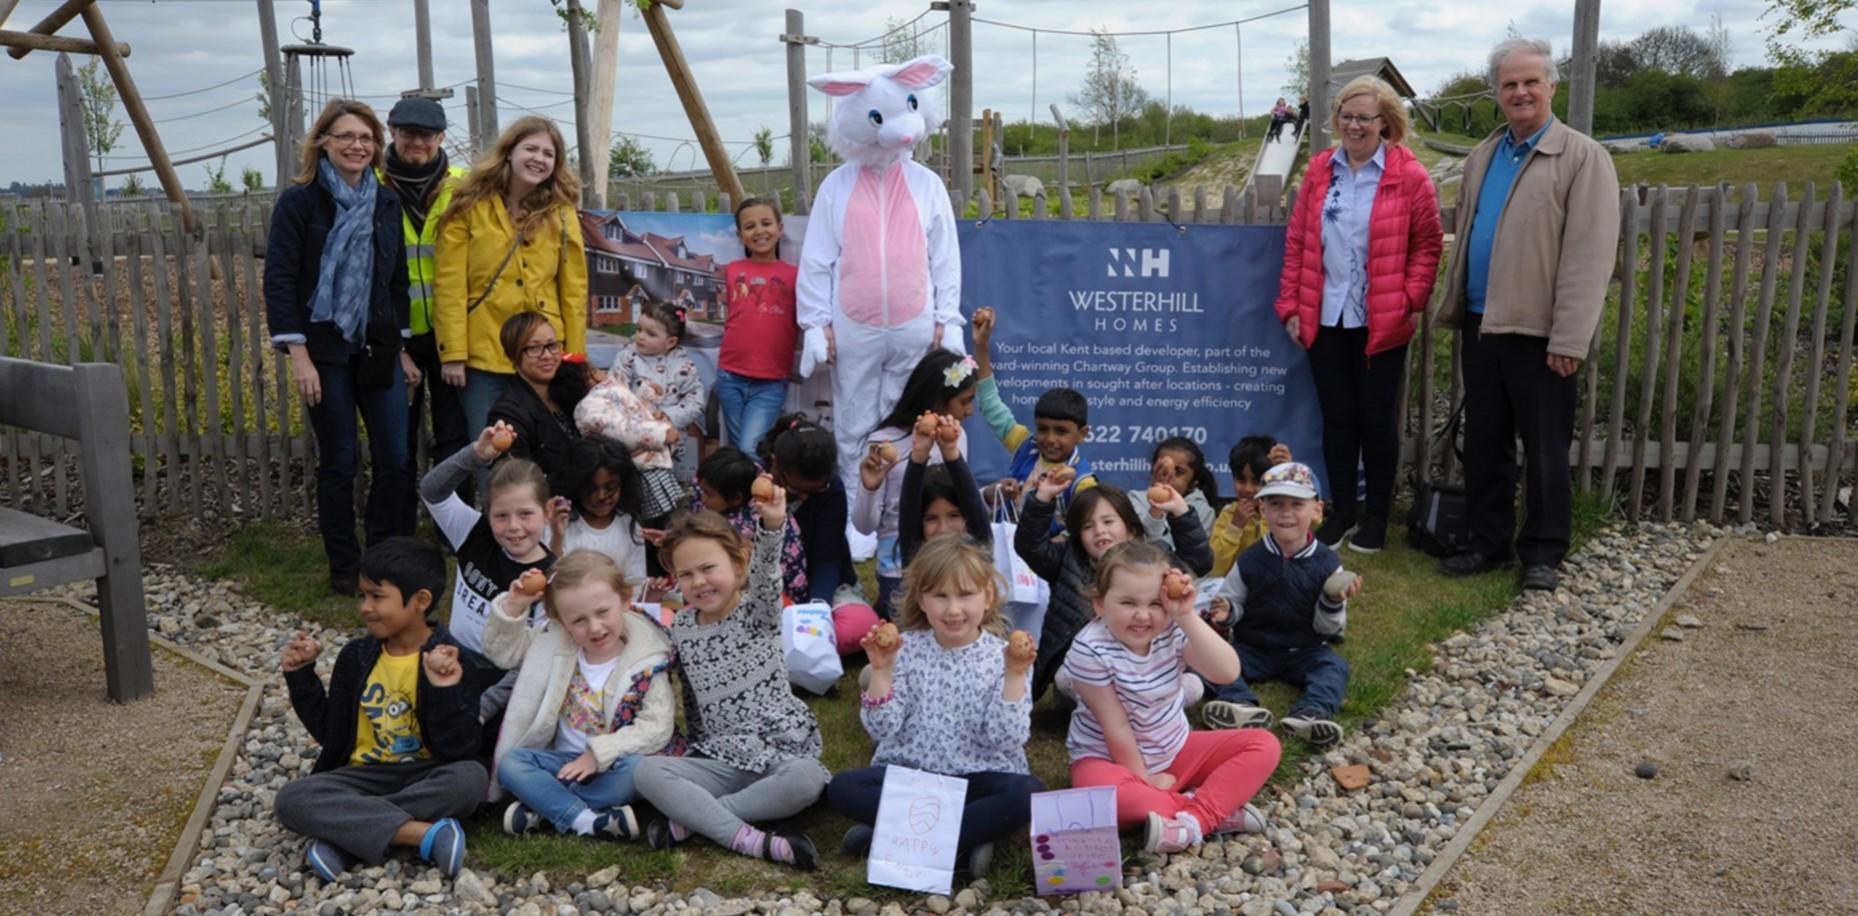 Easter Egg Hunt At Castle Hill, Ebbsfleet